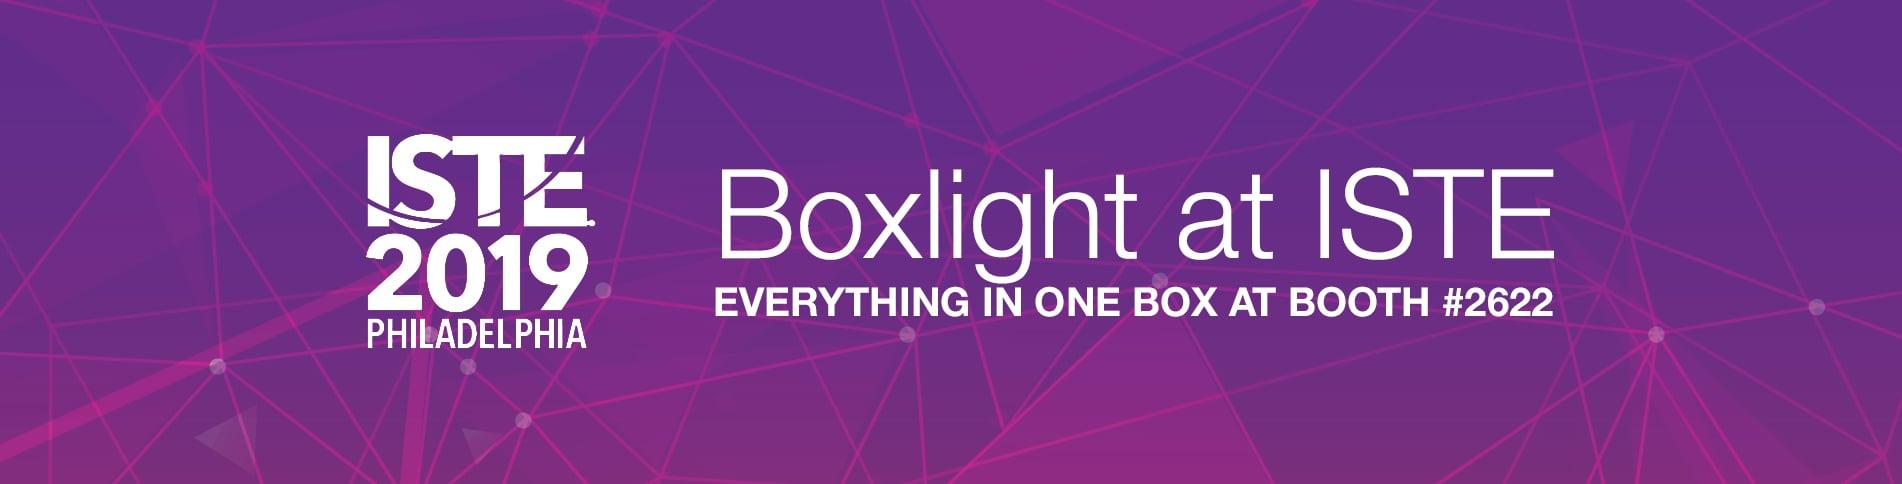 ISTE2019_Boxlight_LP_background